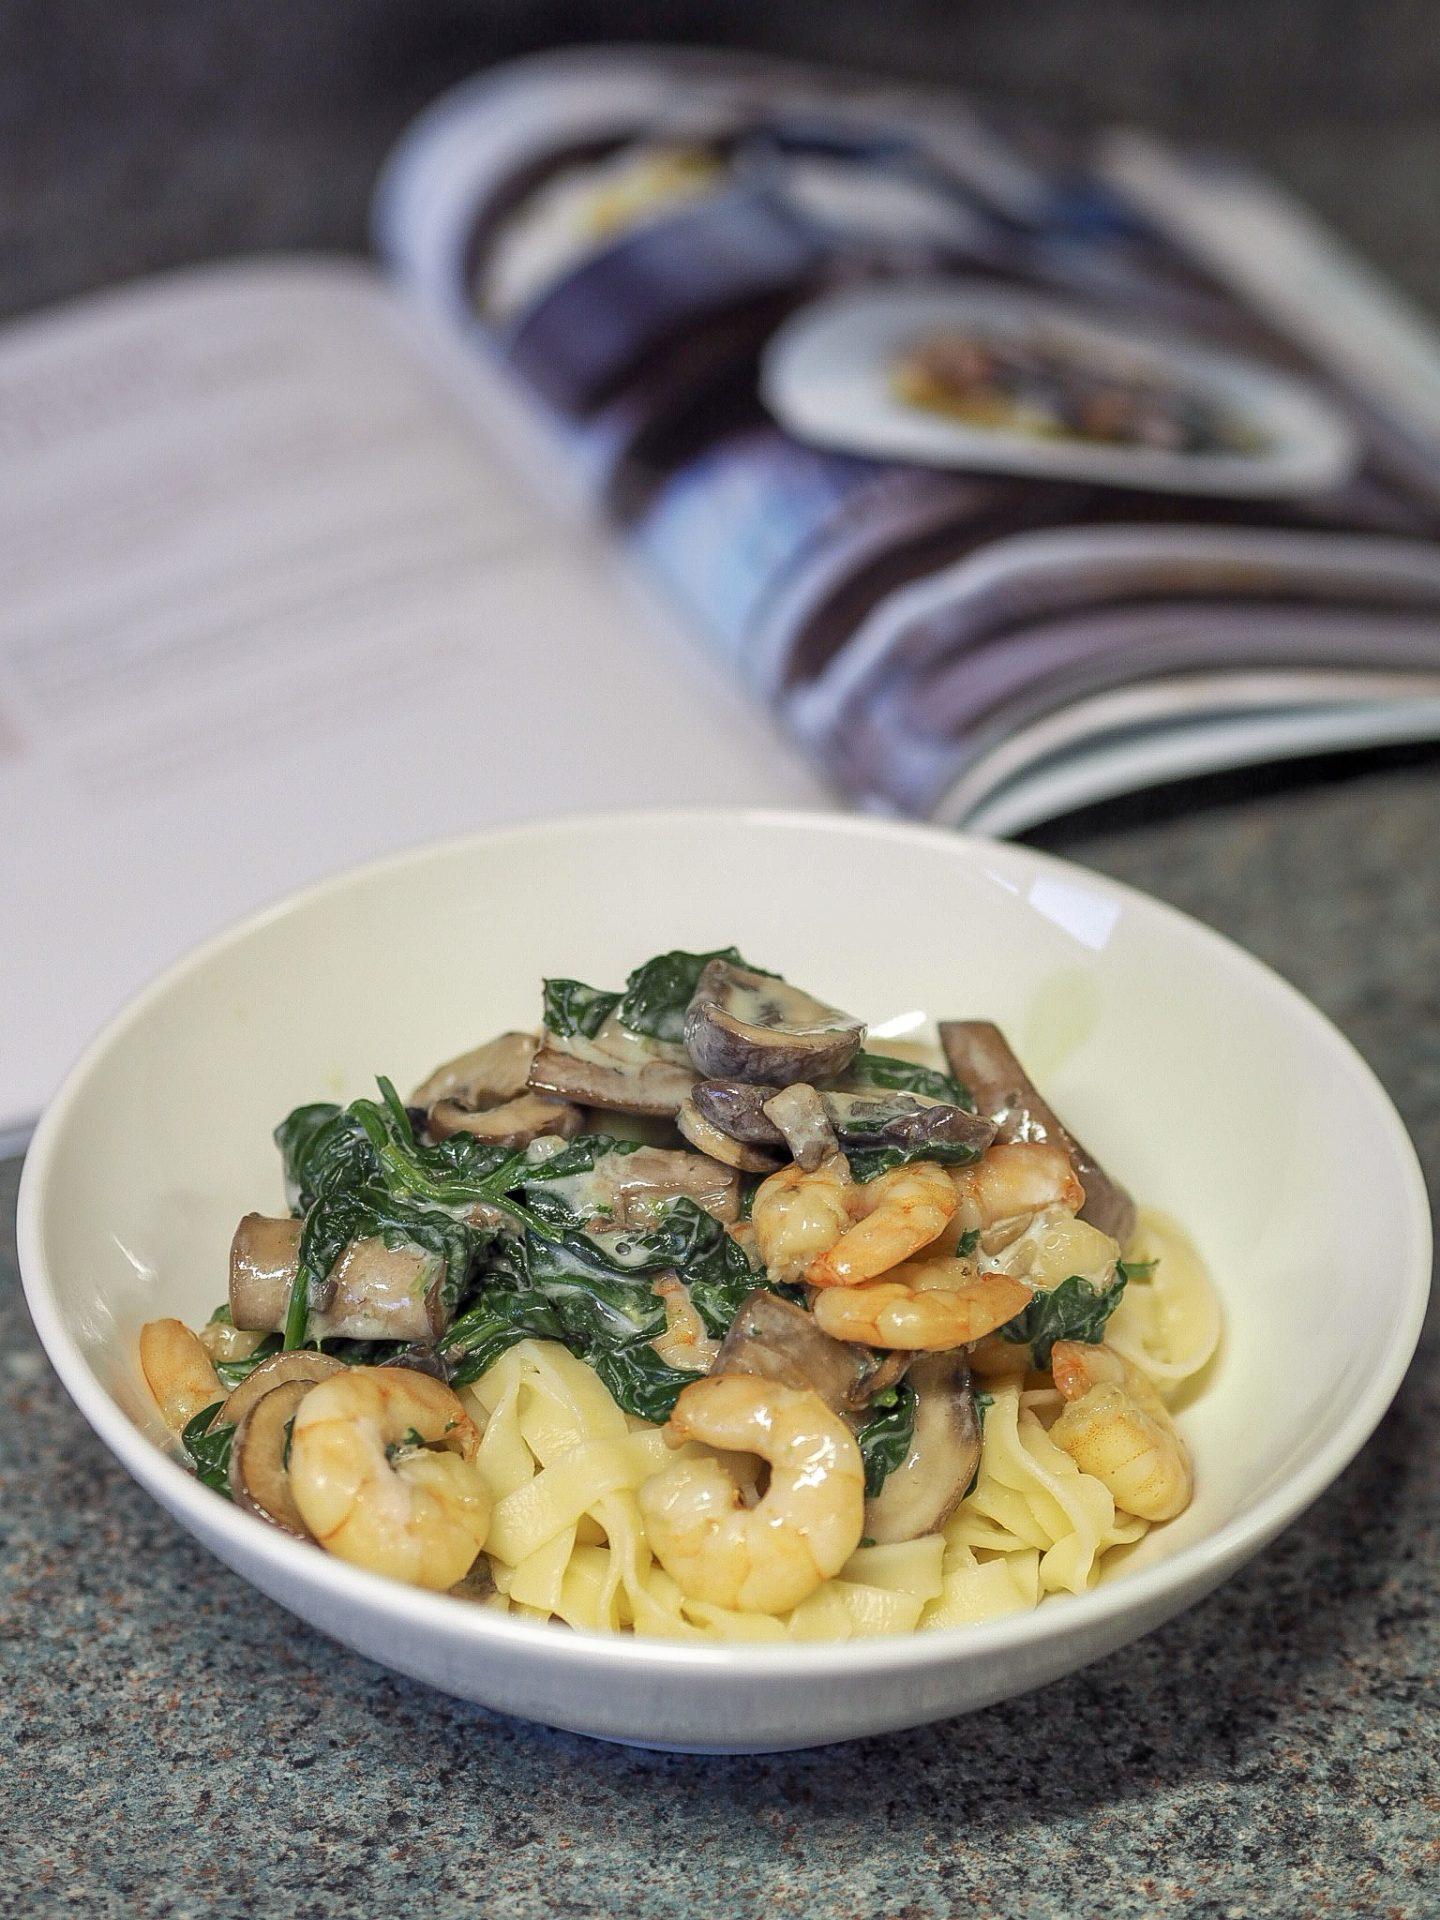 Creamy mushroom and prawn pasta